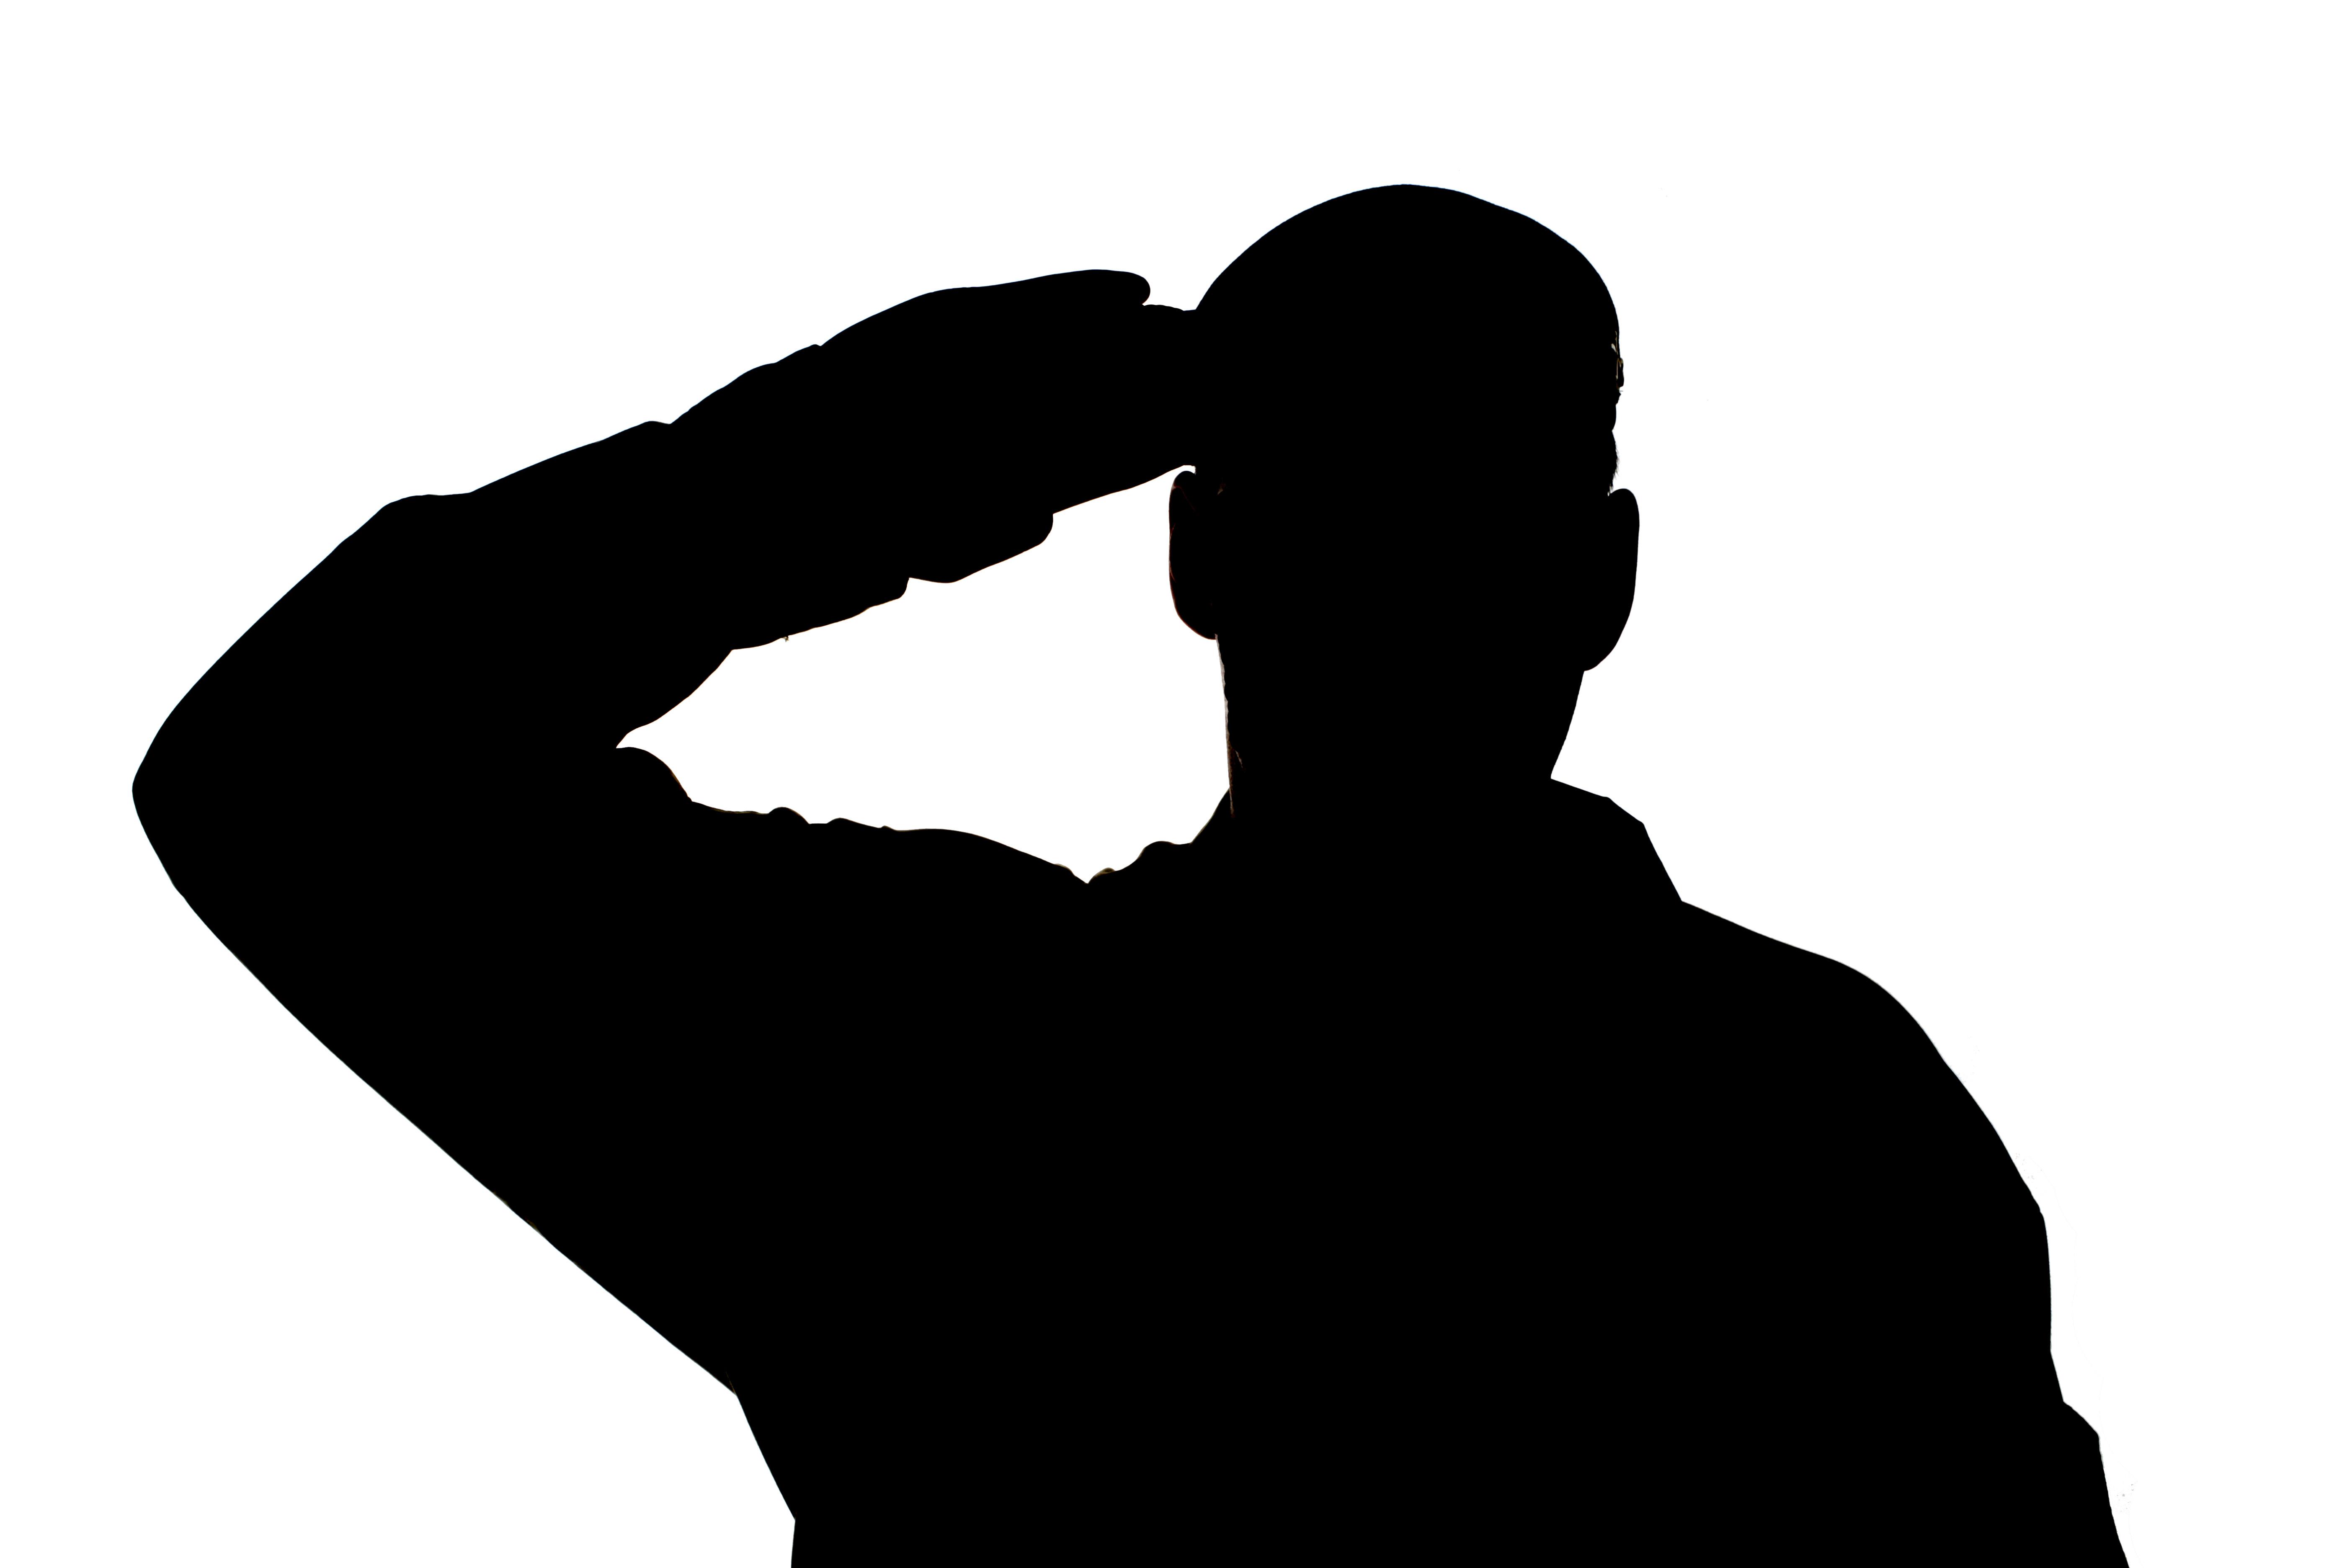 amerikanischer soldat saluting